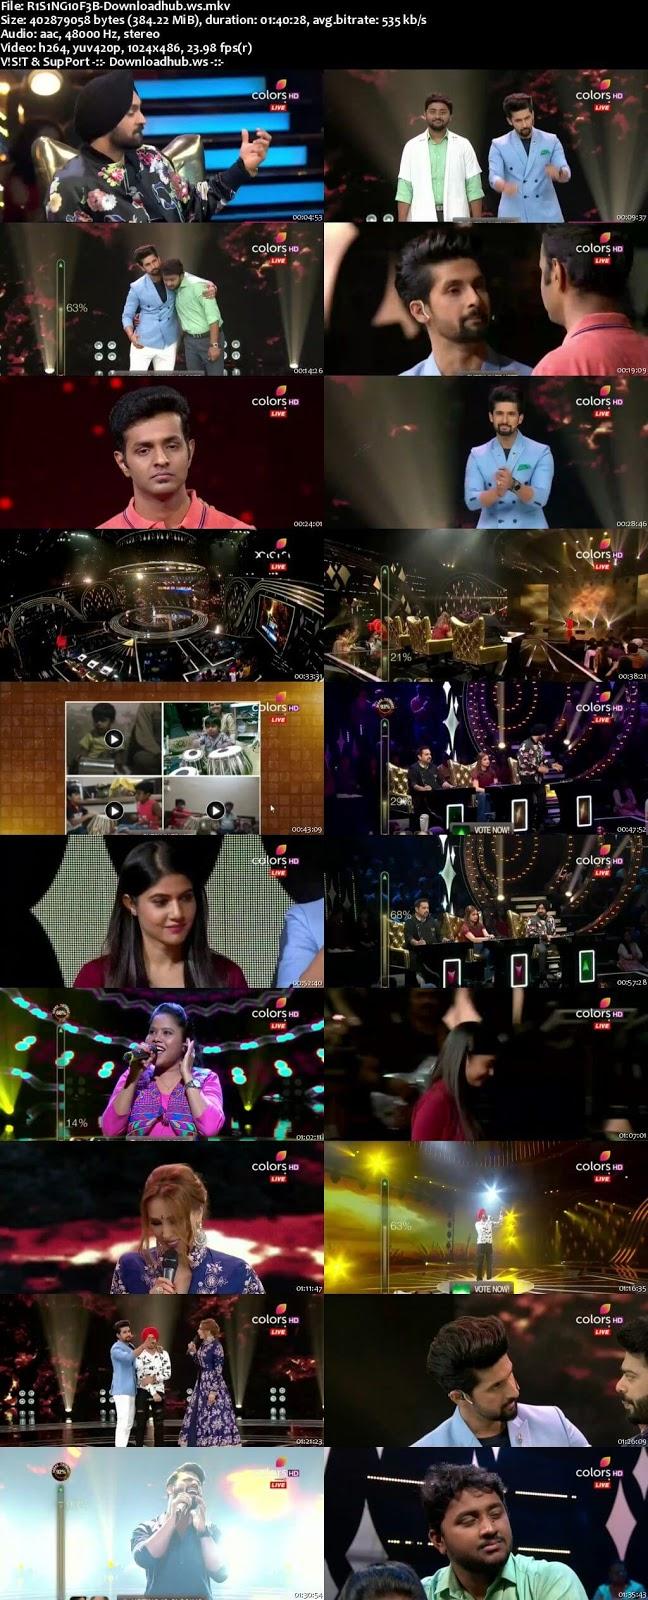 Rising Star Season 2 10 February 2018 Episode 07 HDTV 480p